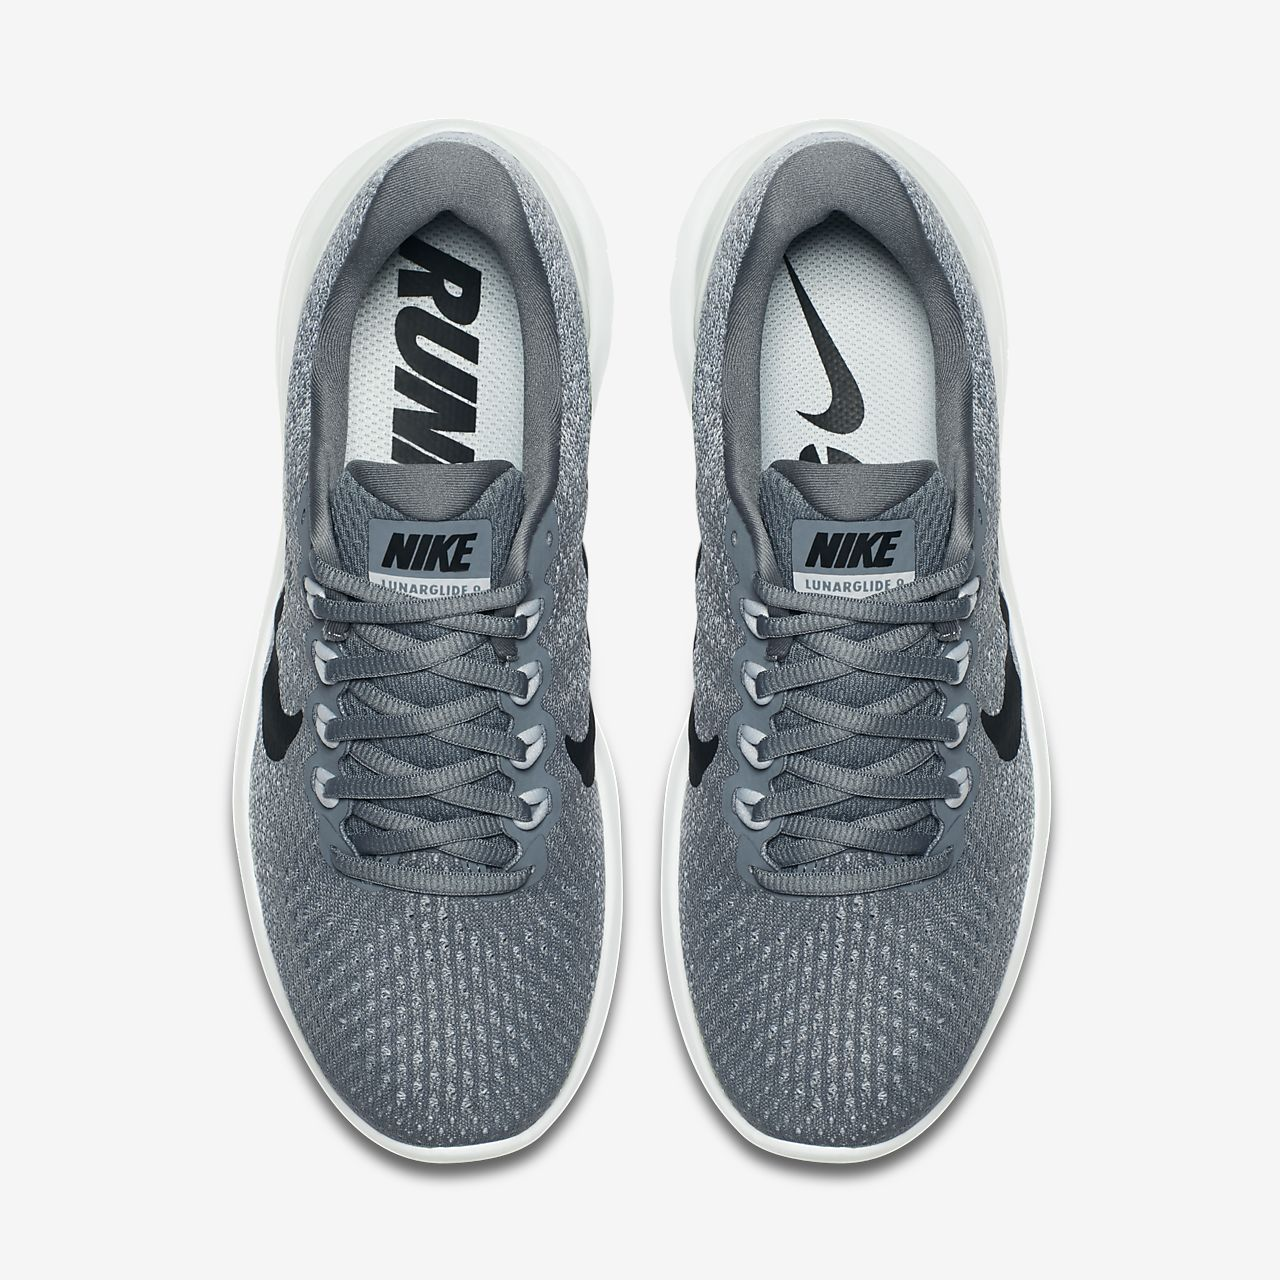 b0652374f0ef1 Nike LunarGlide 9 Women s Running Shoe. Nike.com ZA